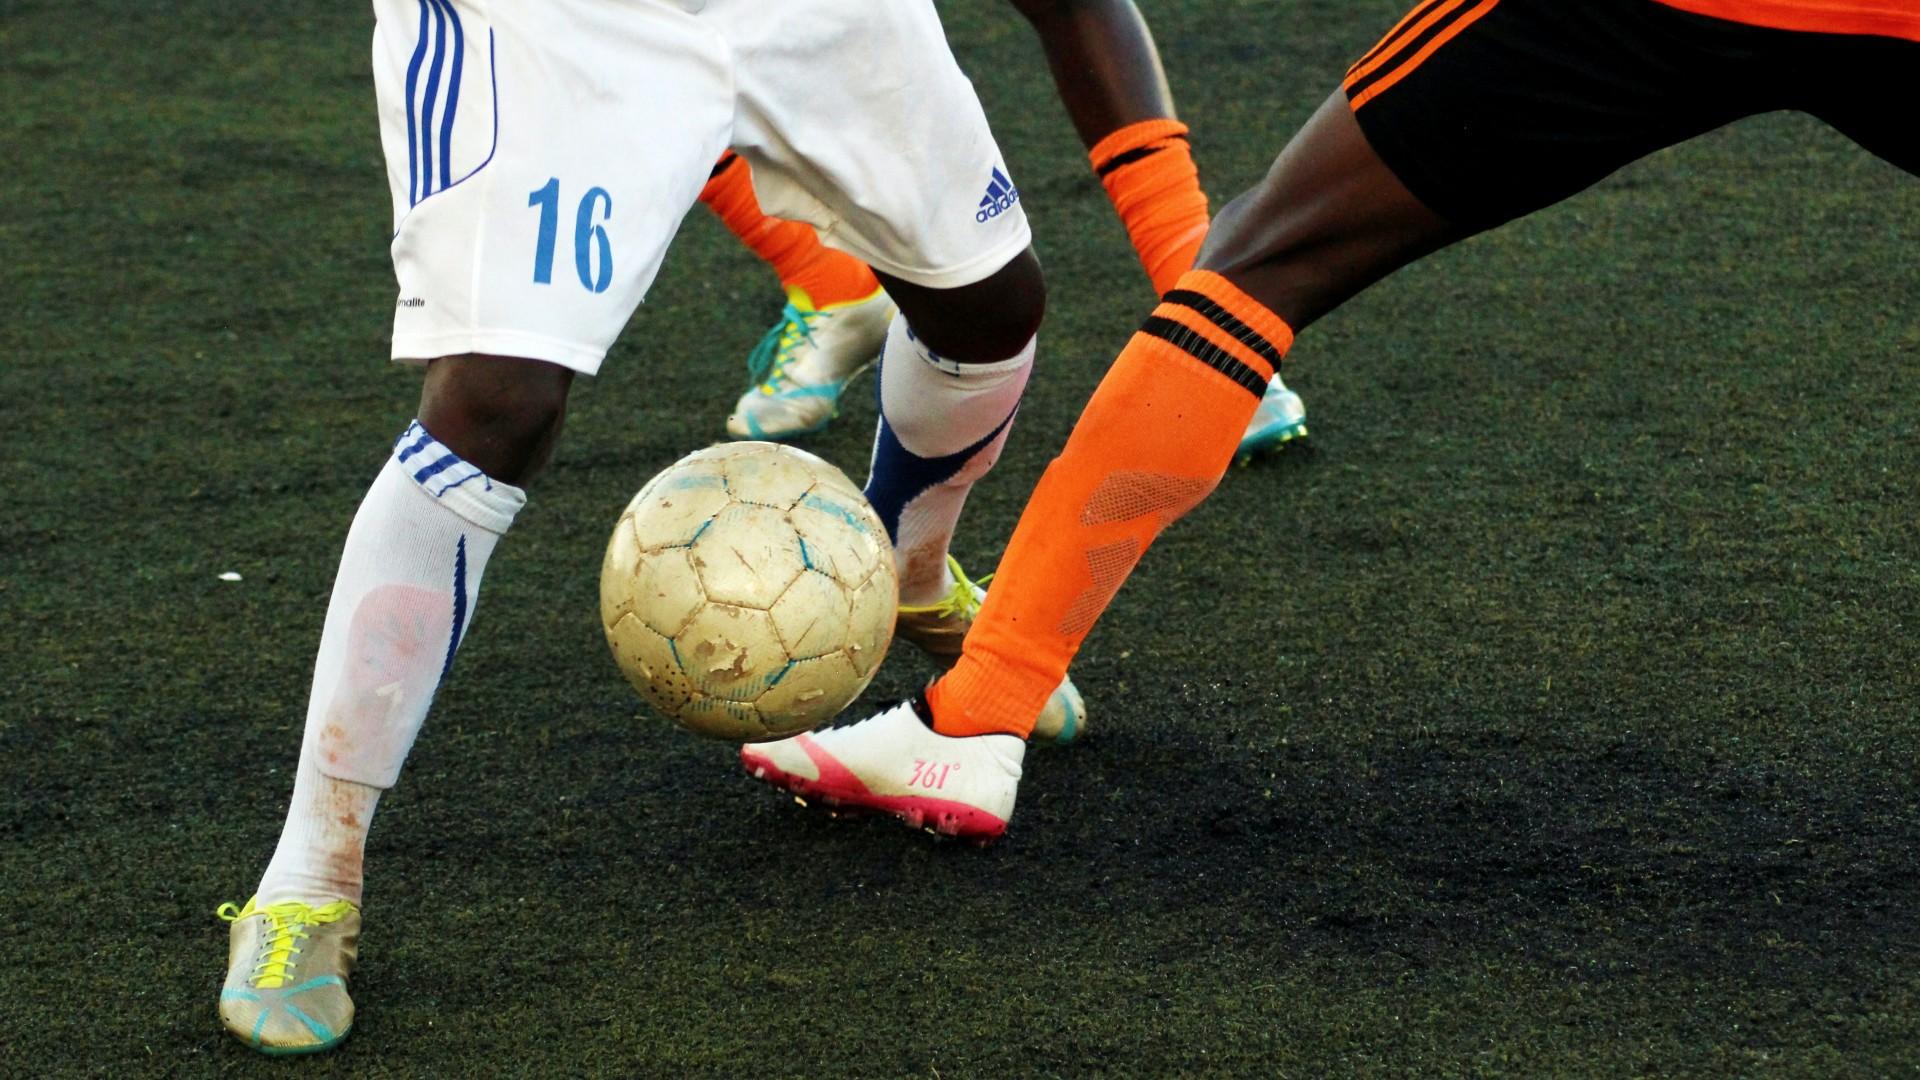 【きょうのスポーツ】W杯優勝経験のあるフランスとドイツによる注目の一戦はOGが勝敗分ける|サッカー